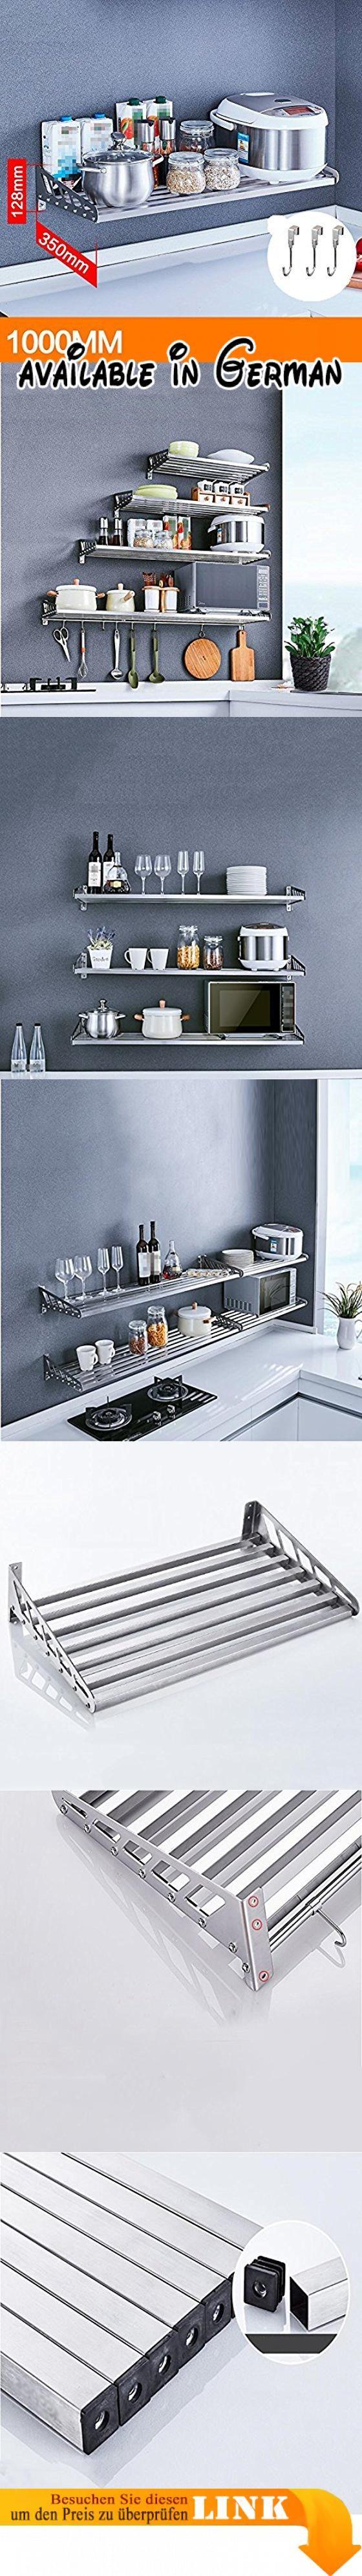 ZWL Edelstahl Küchenwand Regal, Küche Rack Wand hängen Lagerung Rack ...